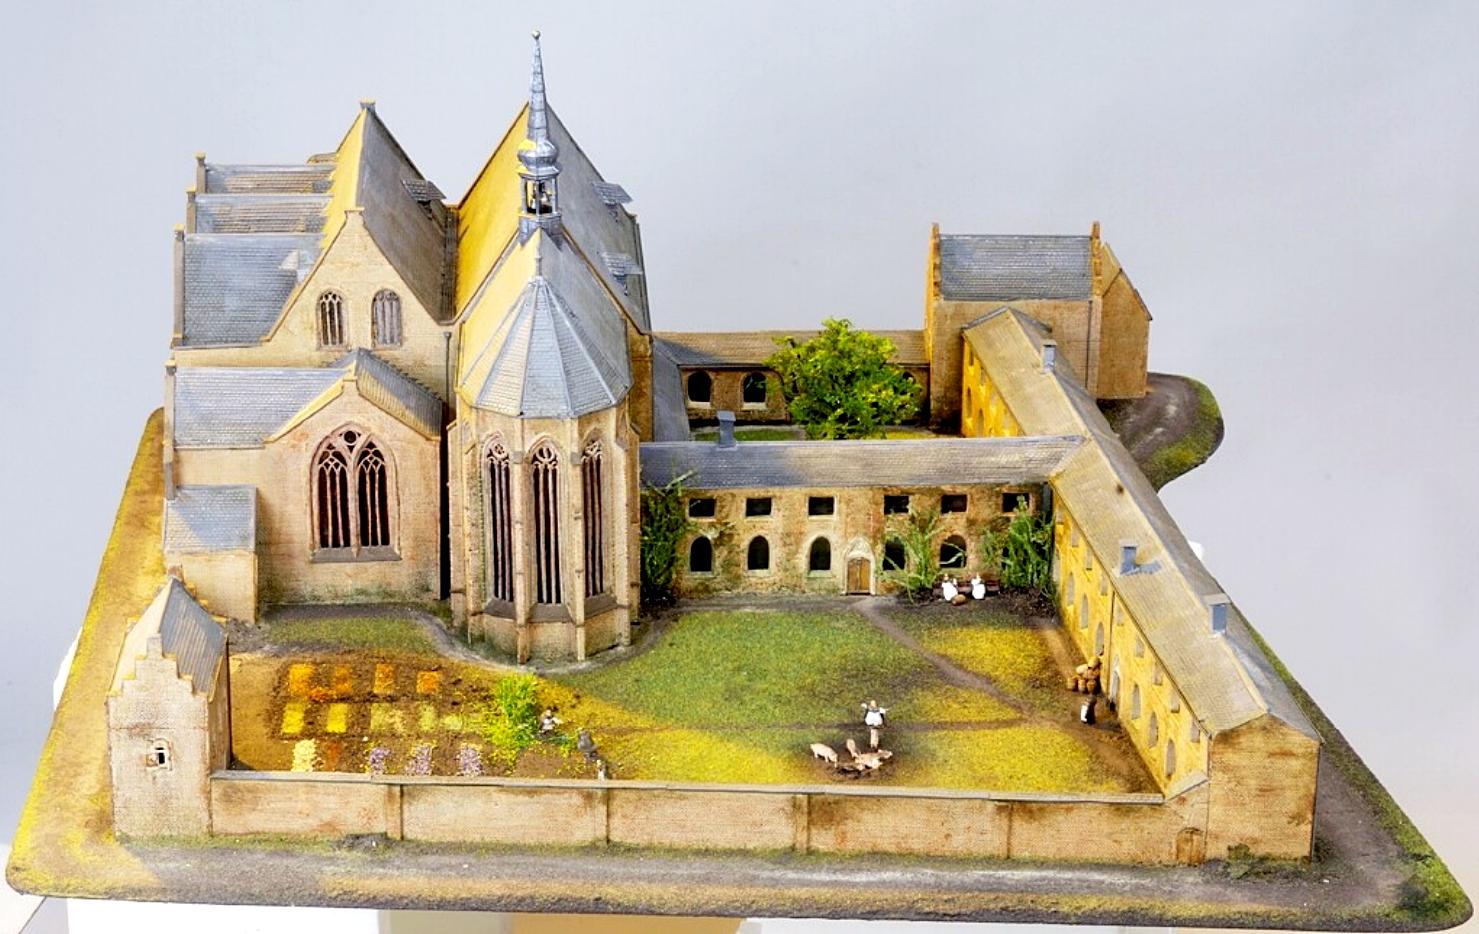 Maquette Kloosterkerk